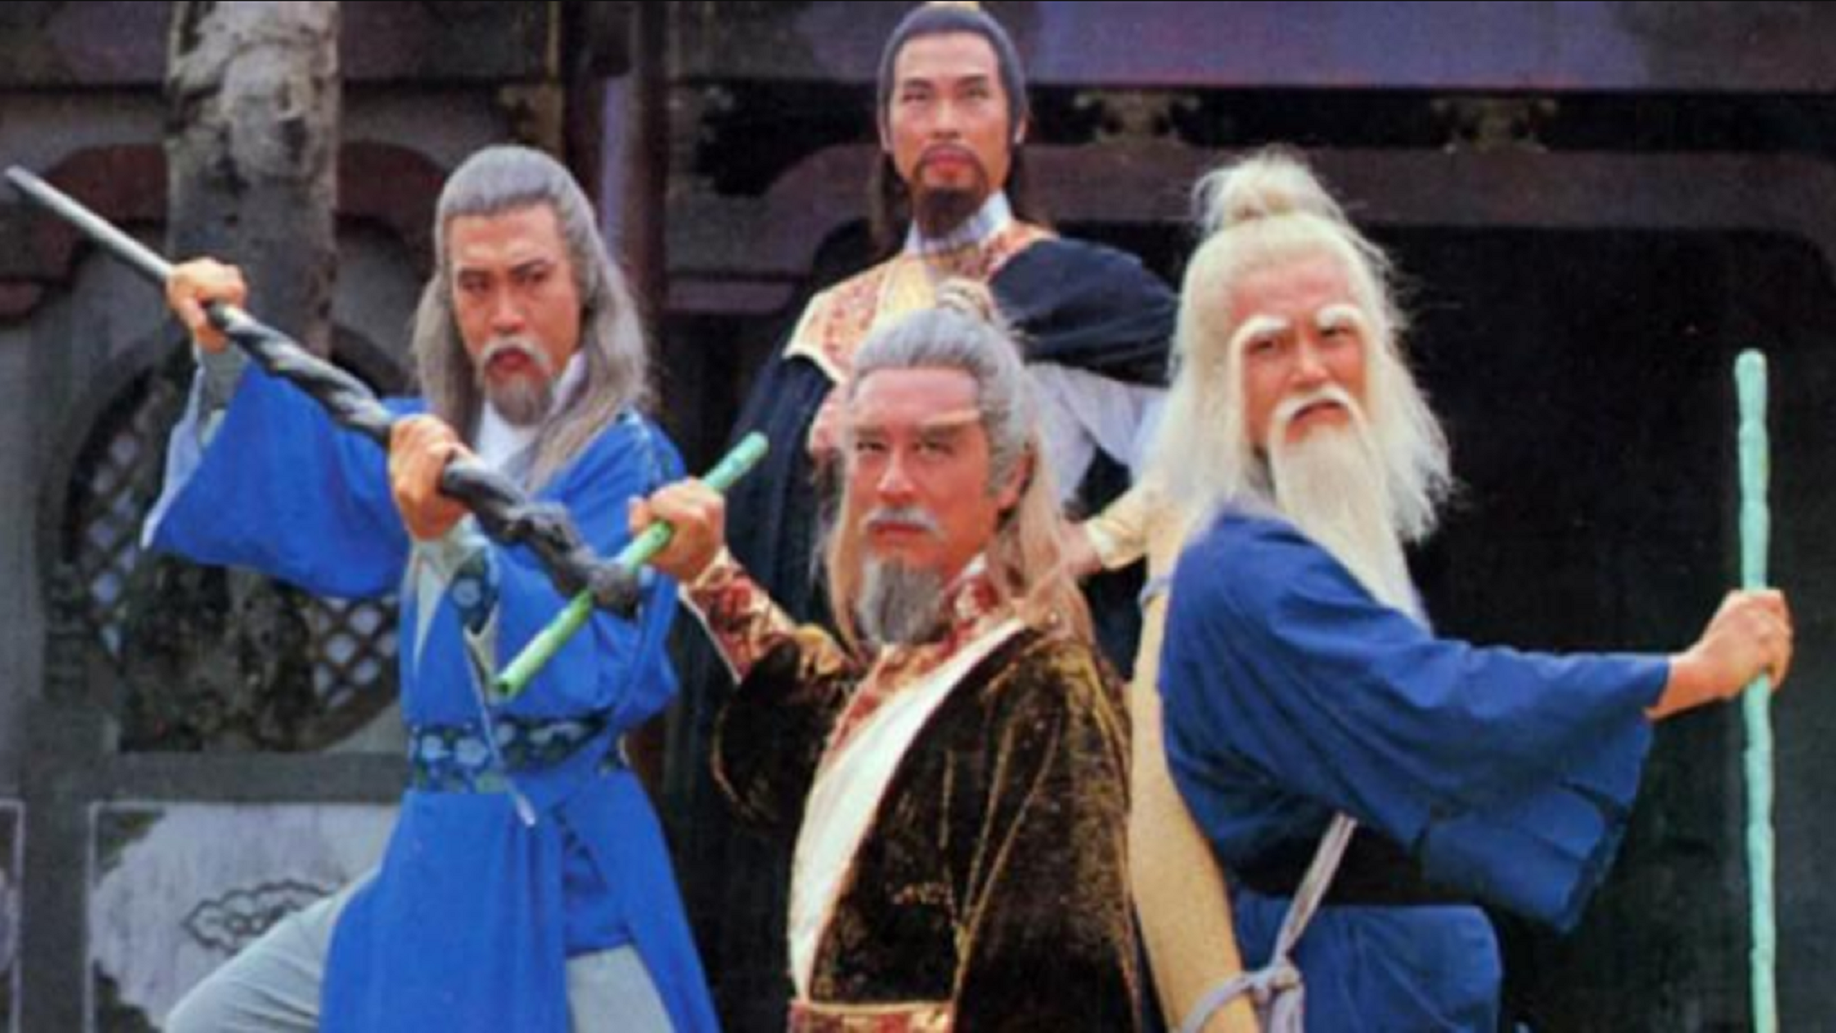 83版《神雕英雄传》三部曲,黄霑作词顾嘉辉作曲,堪称巅峰之作